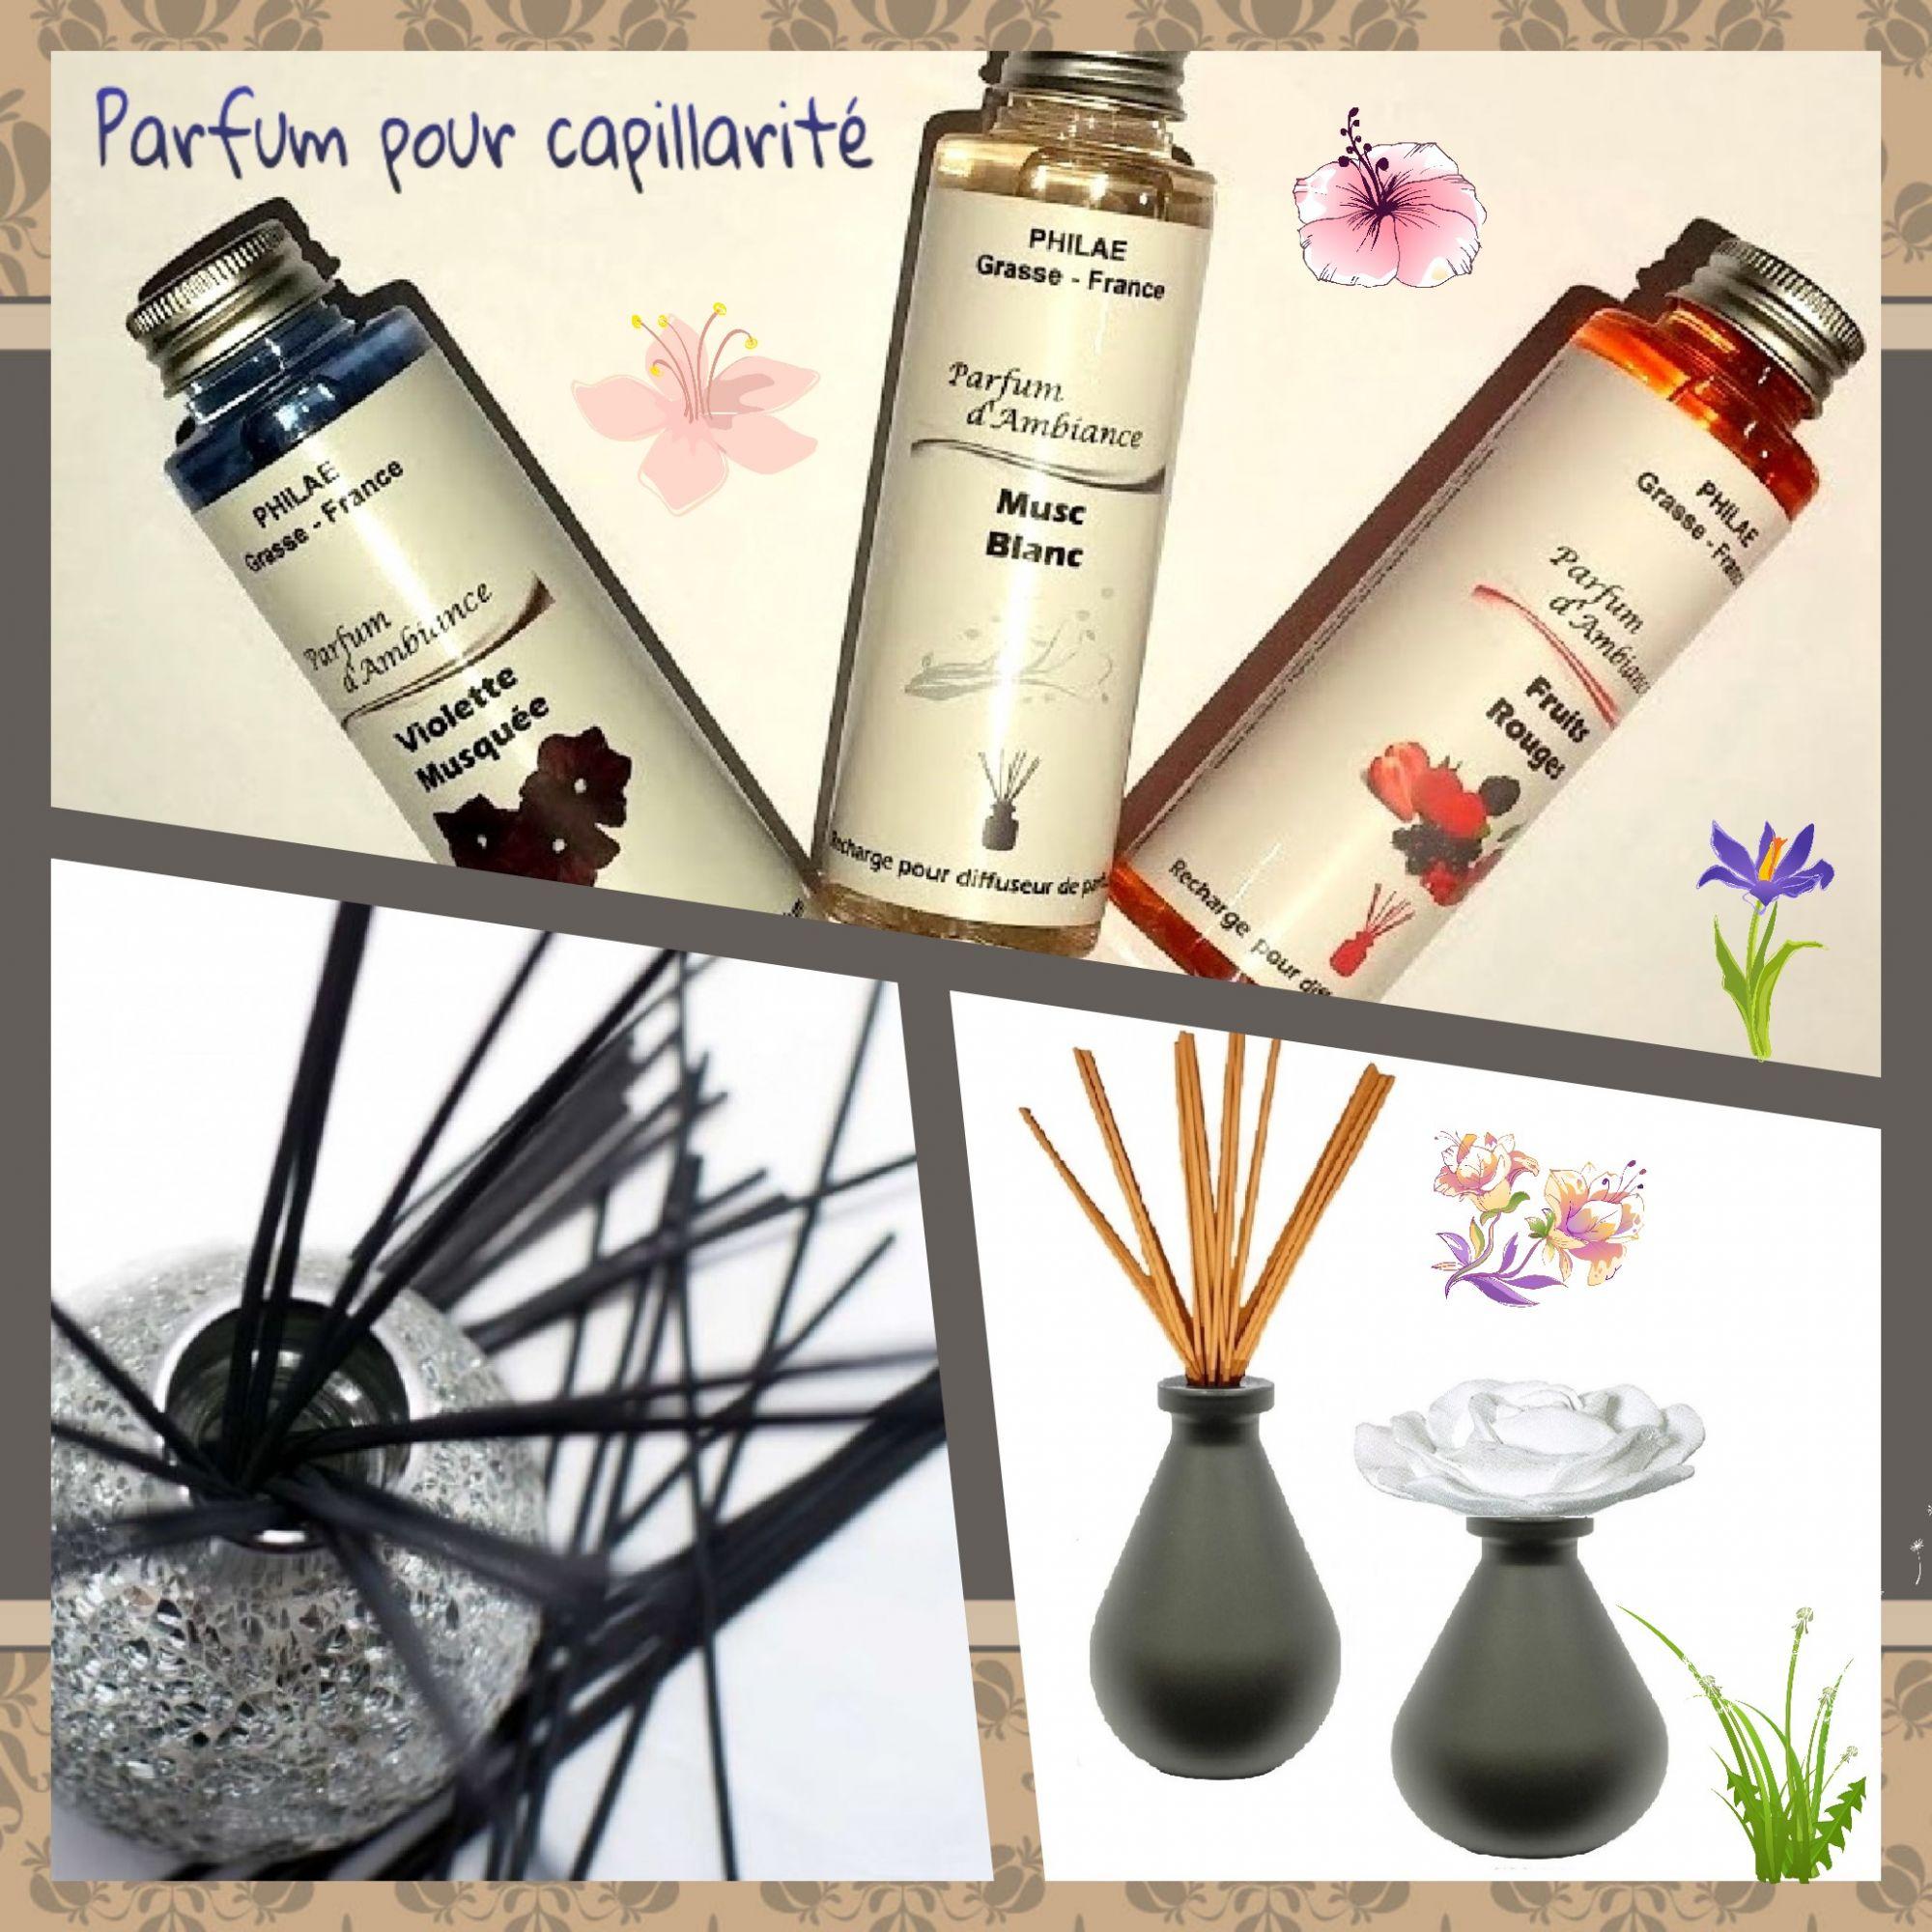 accueil-parfum-dambiance